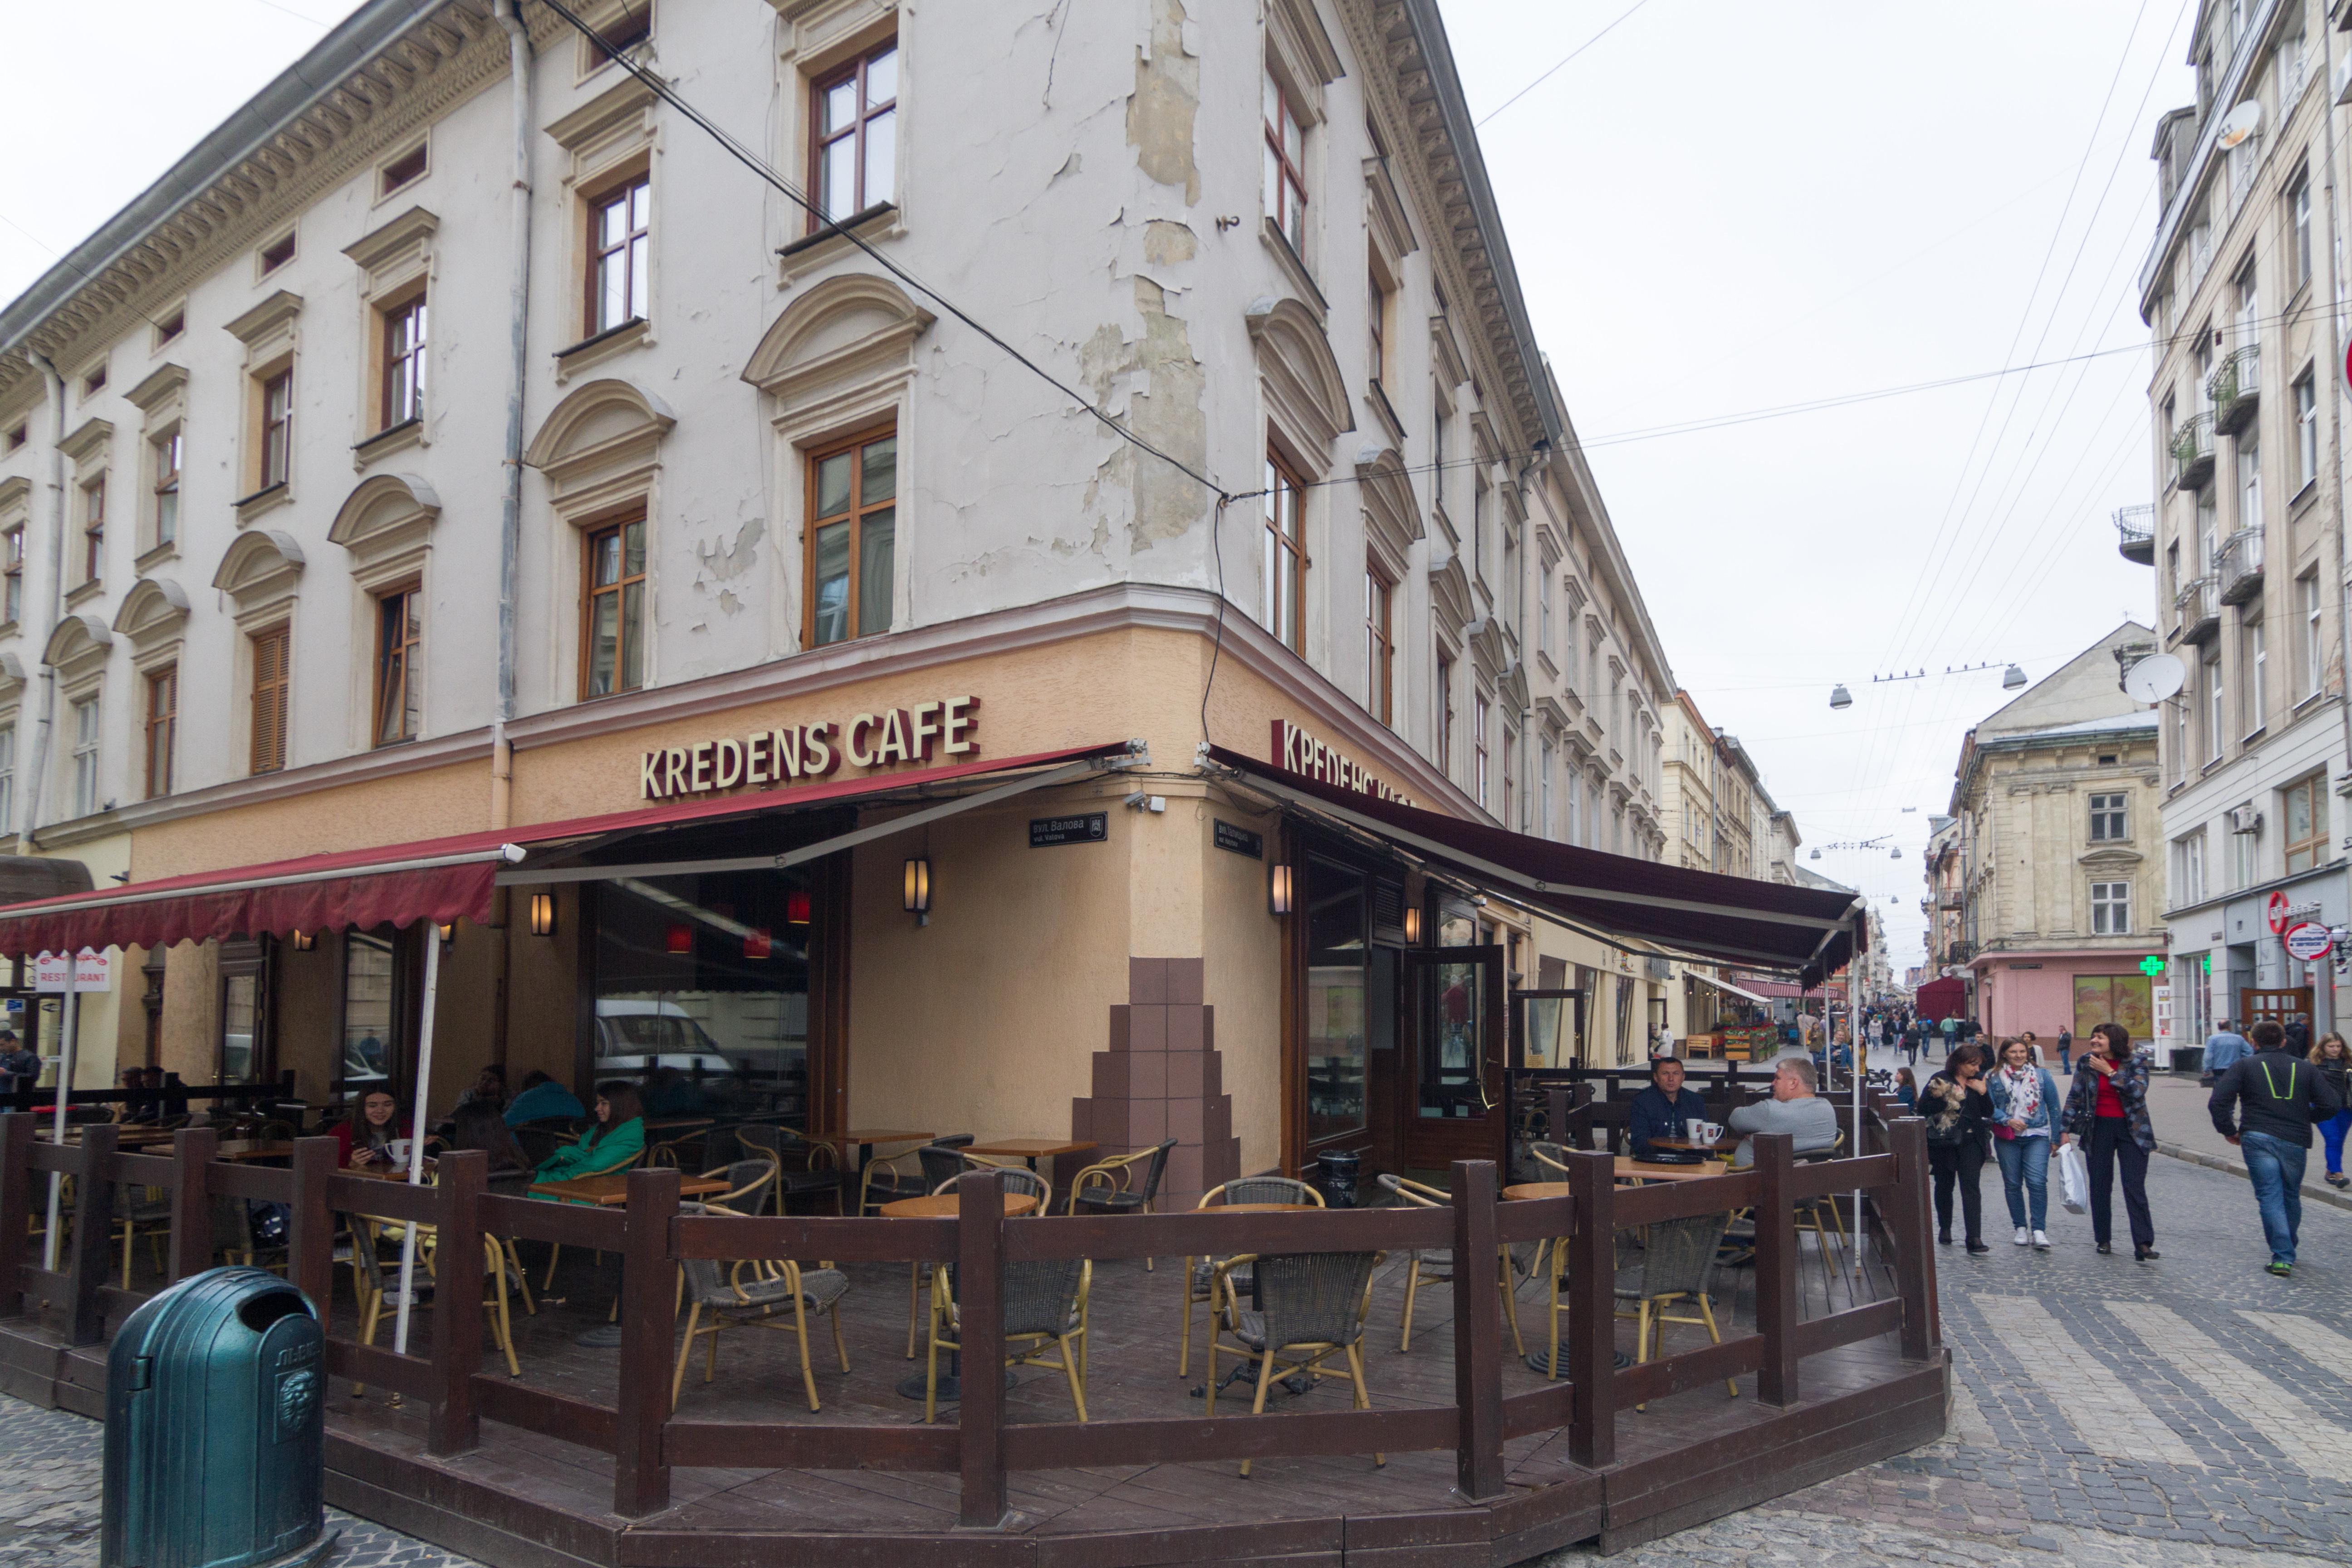 Filekredens Cafe Lvivjpg Wikimedia Commons